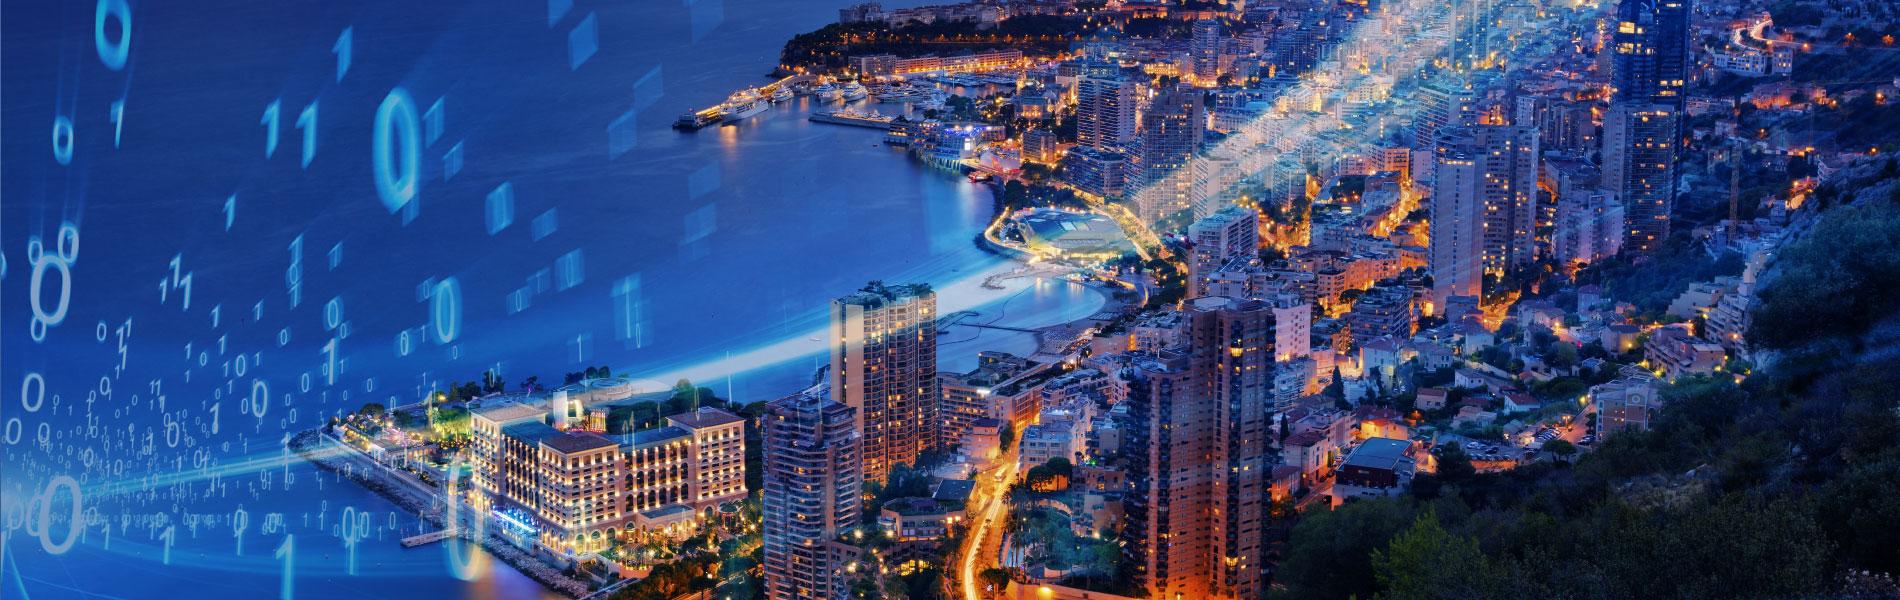 La relance économique Monégasque par le numérique avec le Fonds Bleu